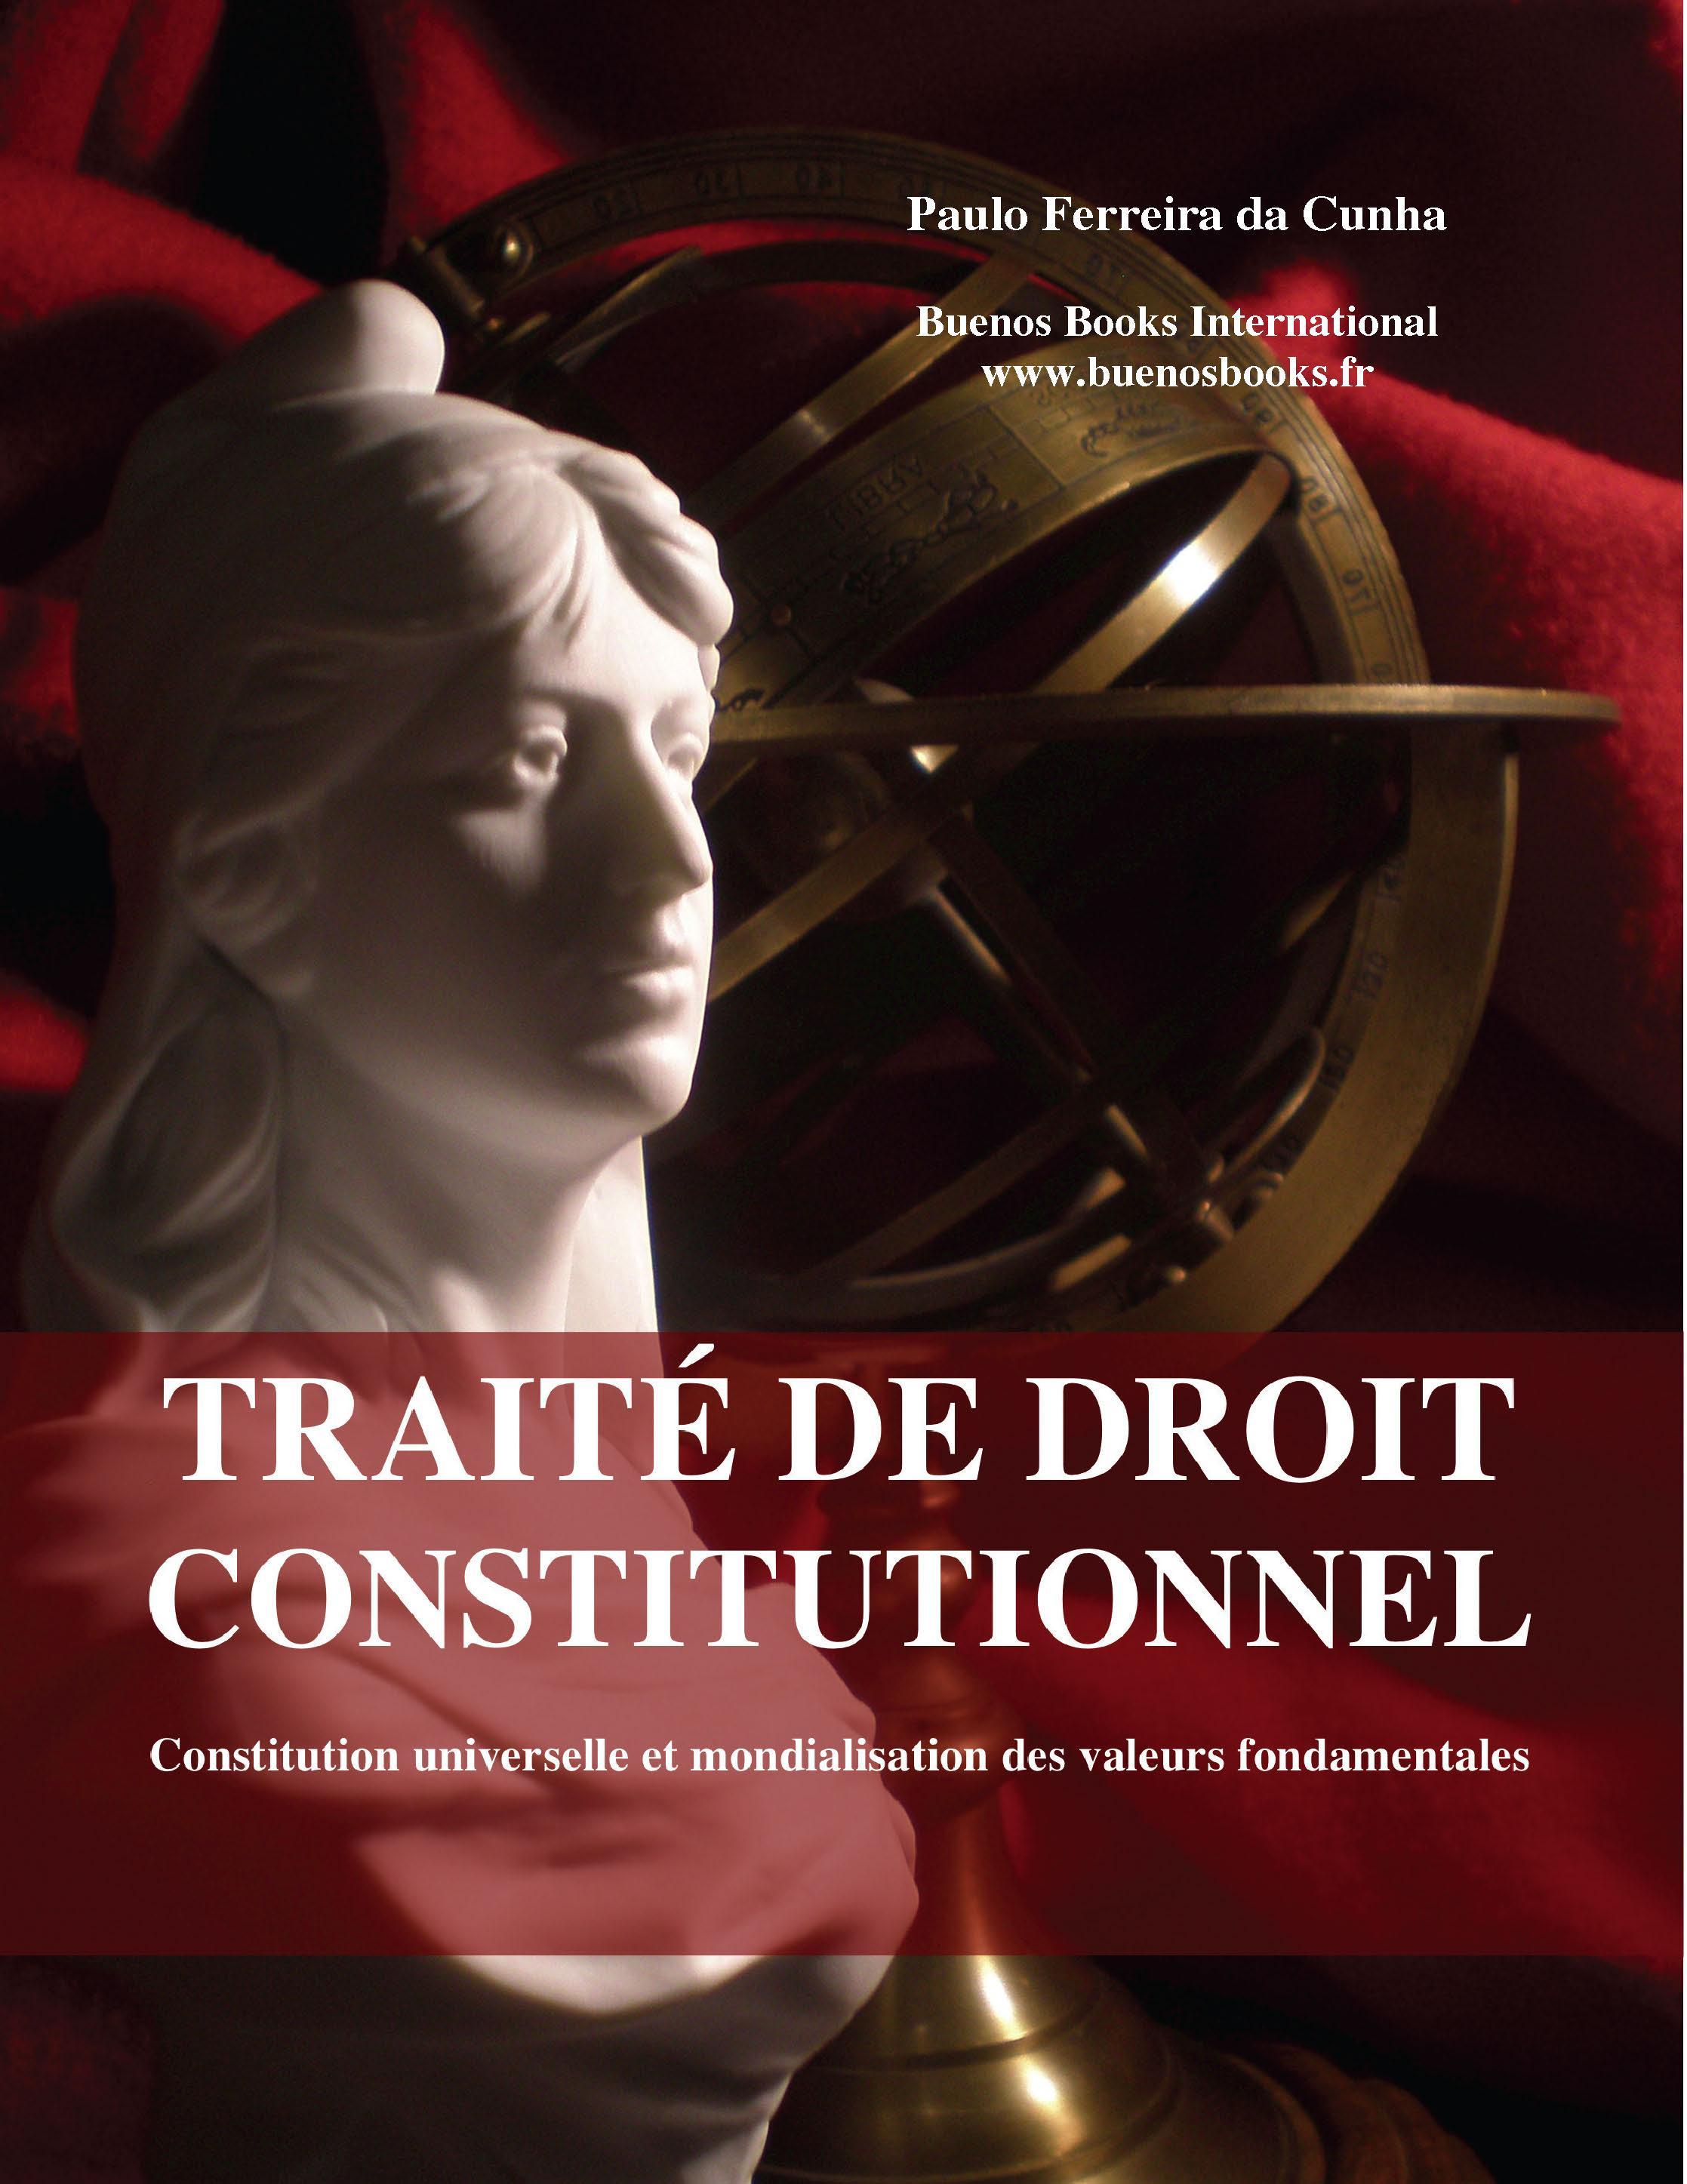 Traite de droit constitutionnel, Constitution universelle et mondialisation des valeurs fondamentales EB9782915495720